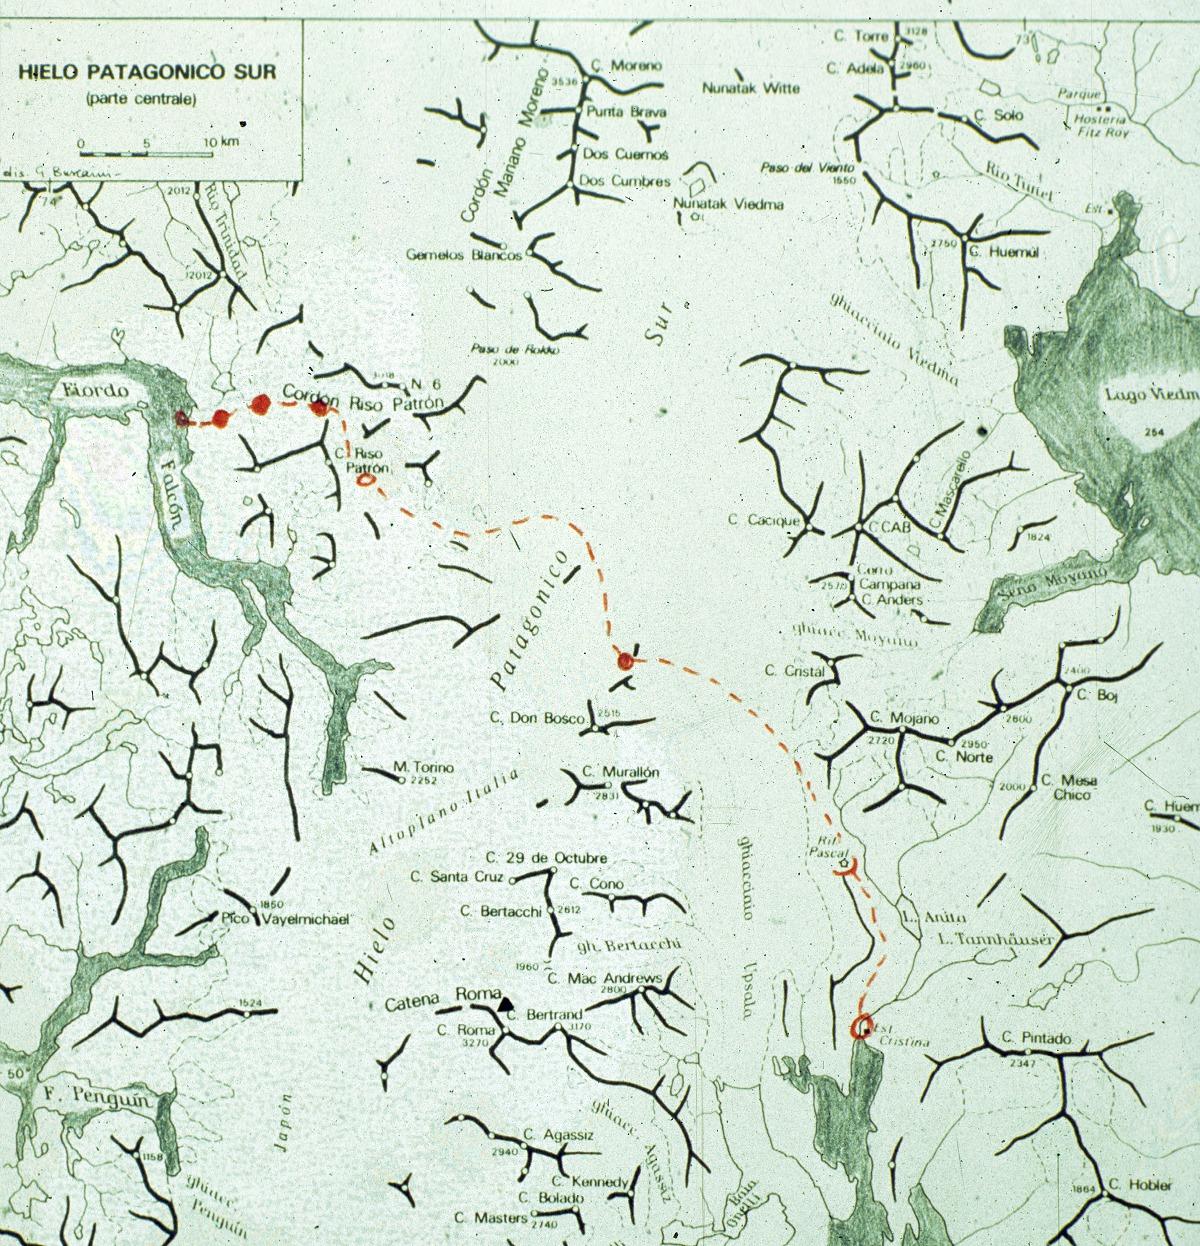 La mappa della traversata ovest-est dello Hielo